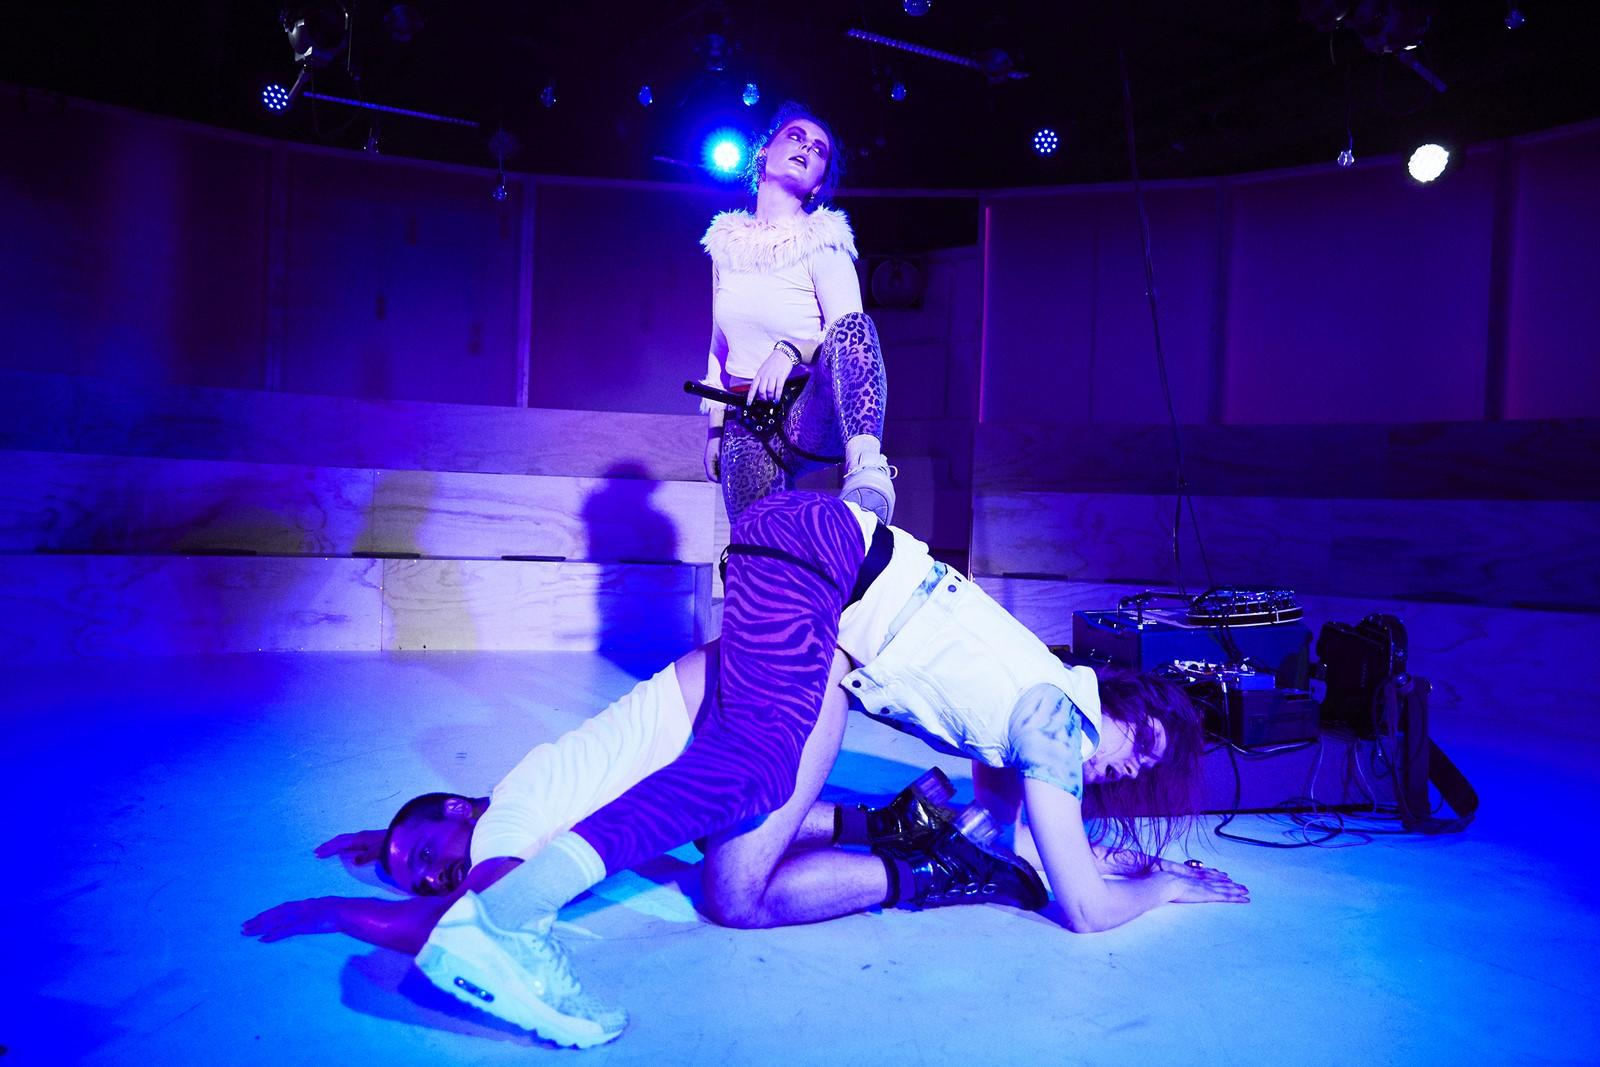 Anmeldelse: Momentet, Aarhus Teater